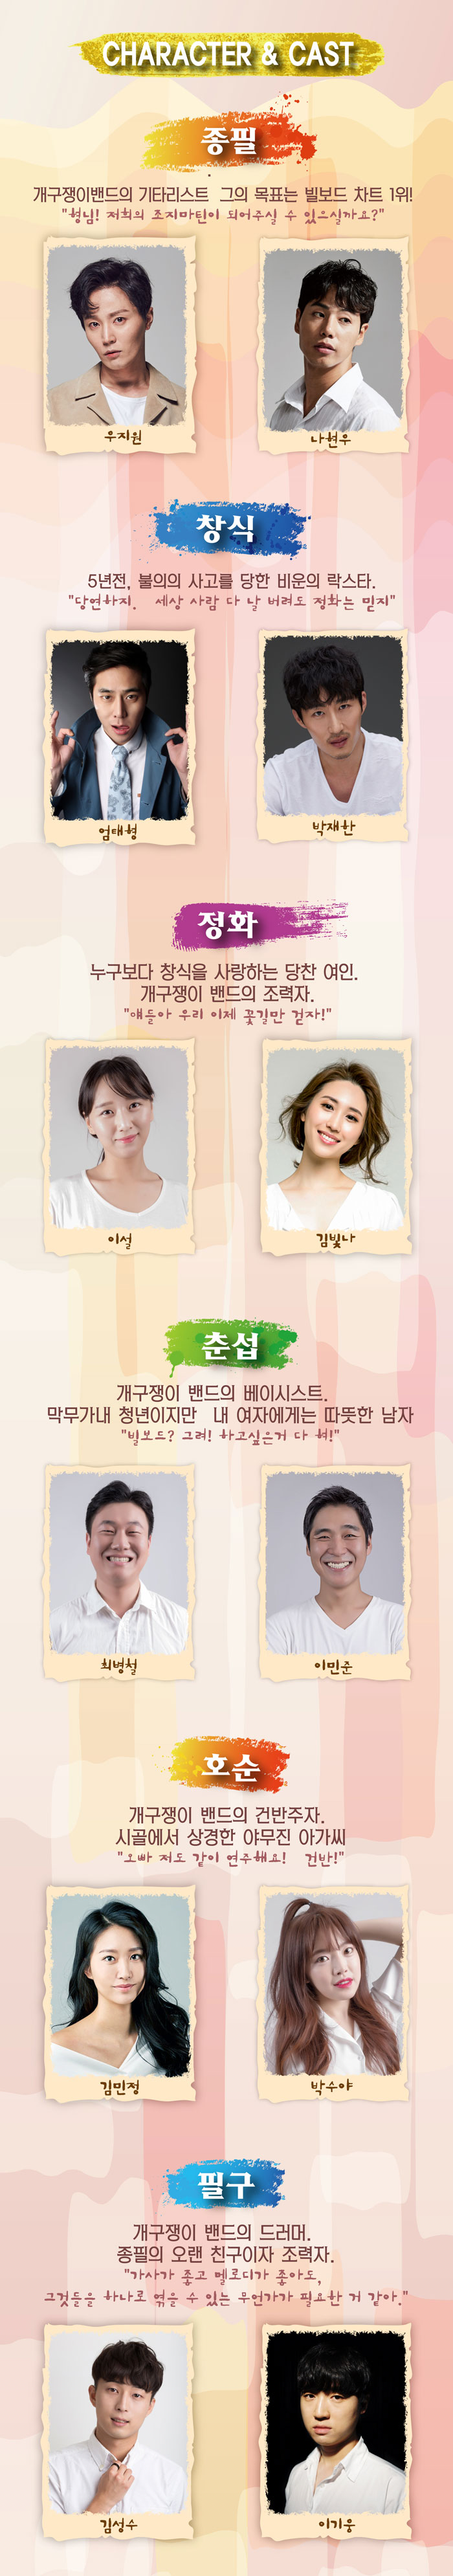 뮤지컬 소개 이미지_배우.jpg